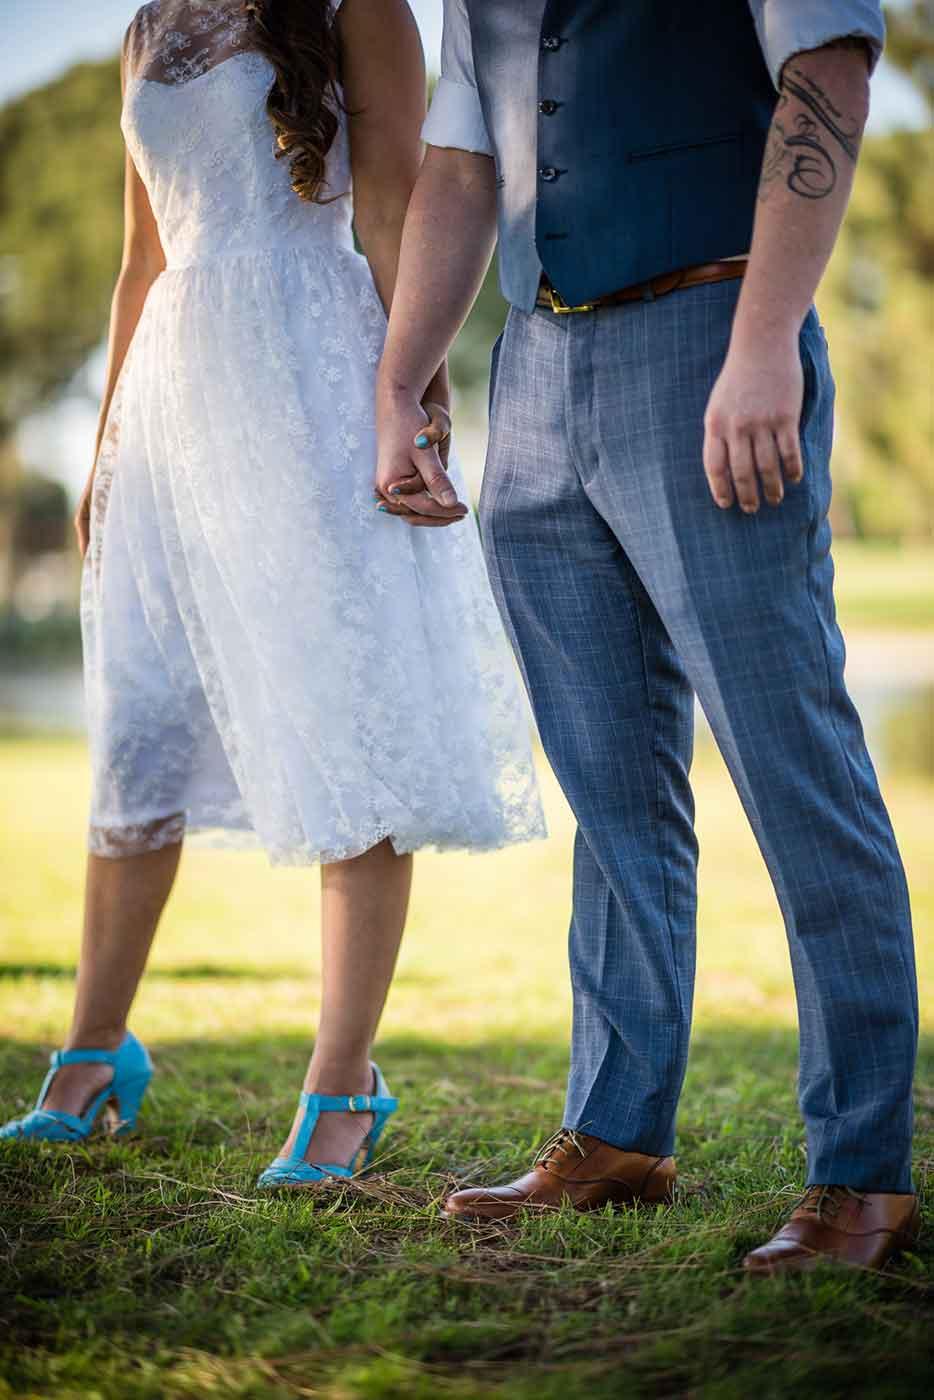 smlNahal-+-Joe-Wedding---Aug-2015-62.jpg